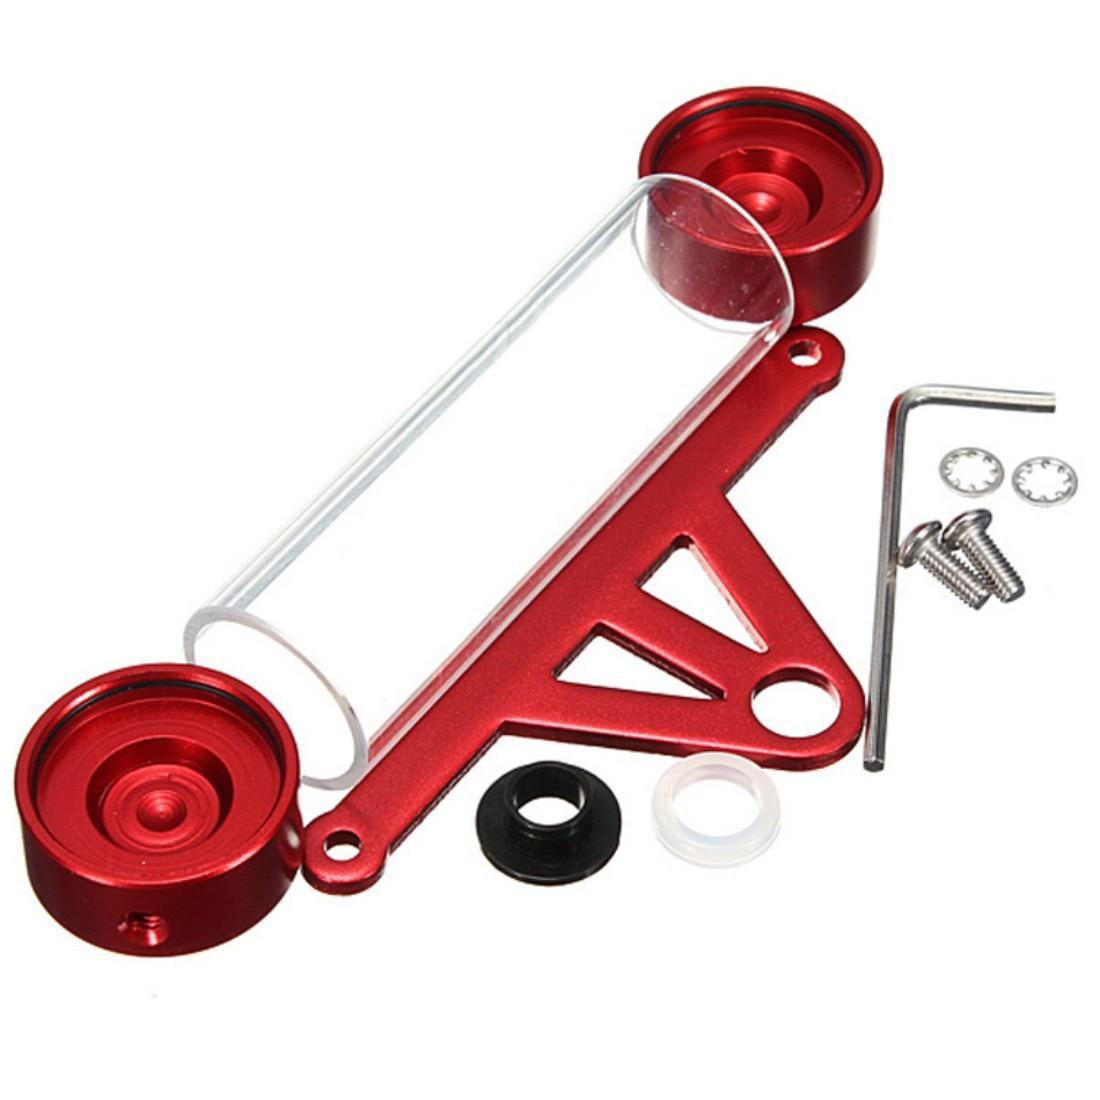 세금 빌 튜브 오토바이 범용 레이블 세금 빌 튜브 종이 번호판 배치 튜브 원통형 튜브 hexag